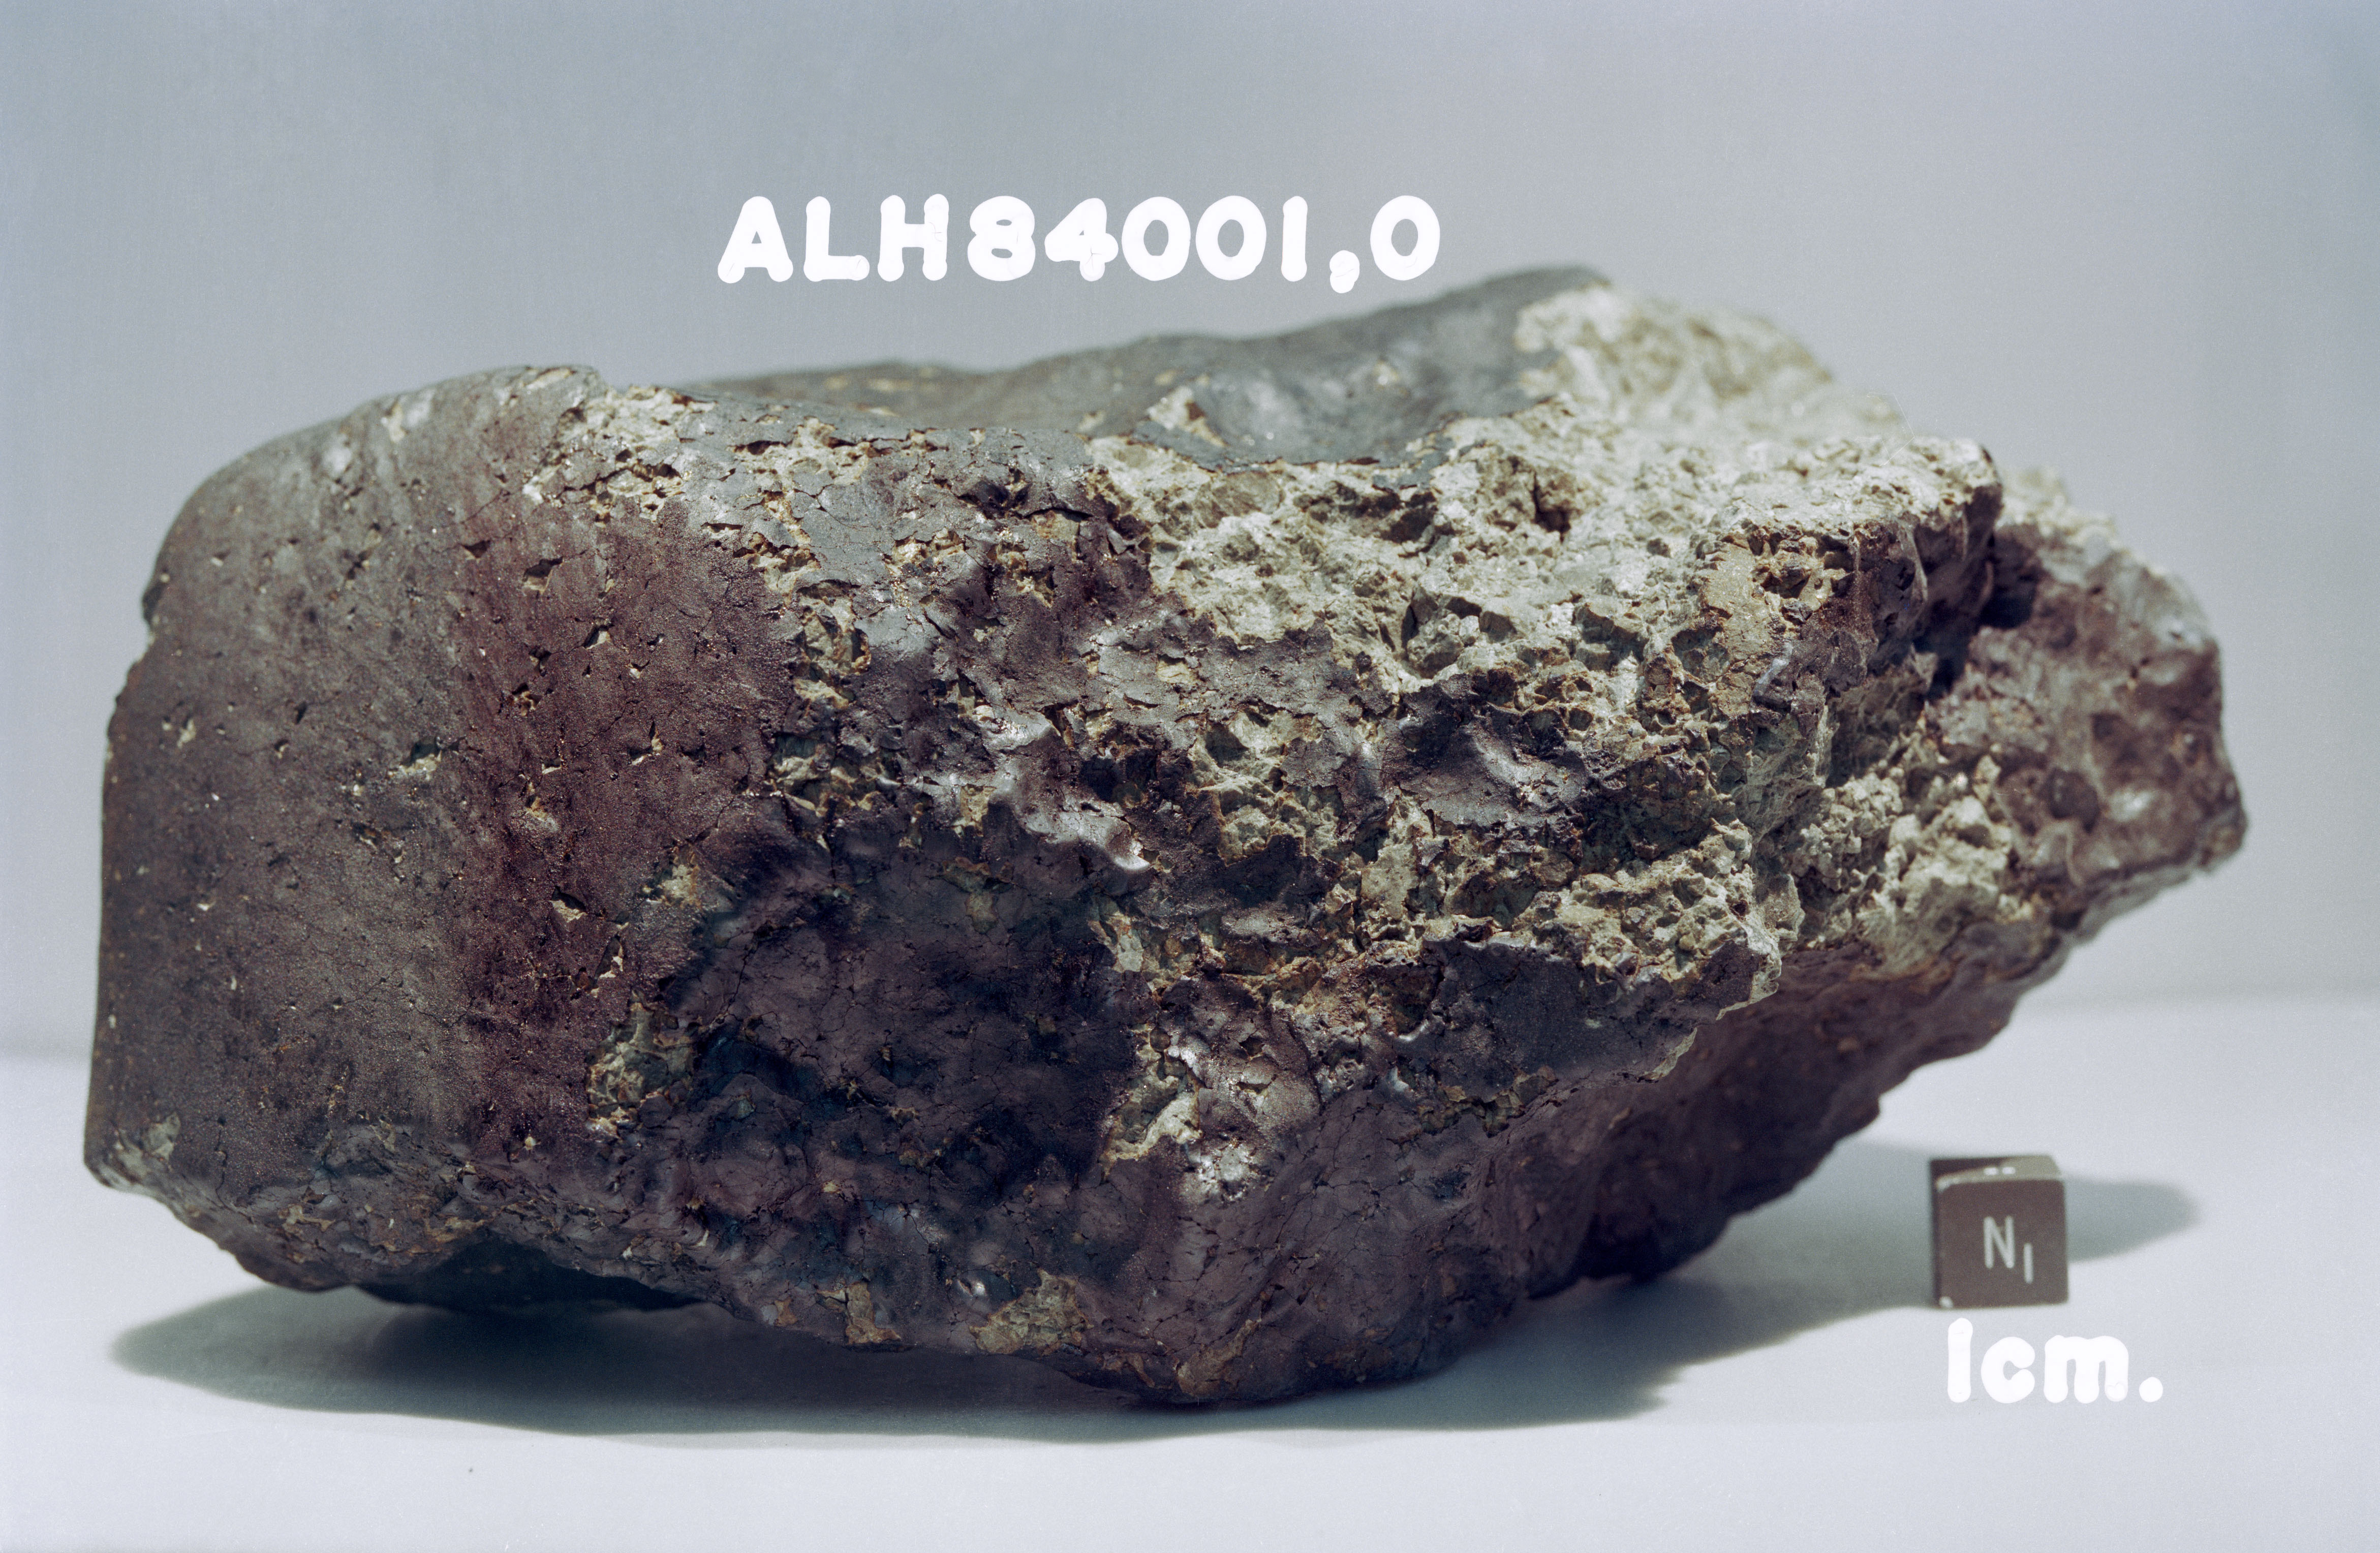 Soubor:ALH84001.jpg